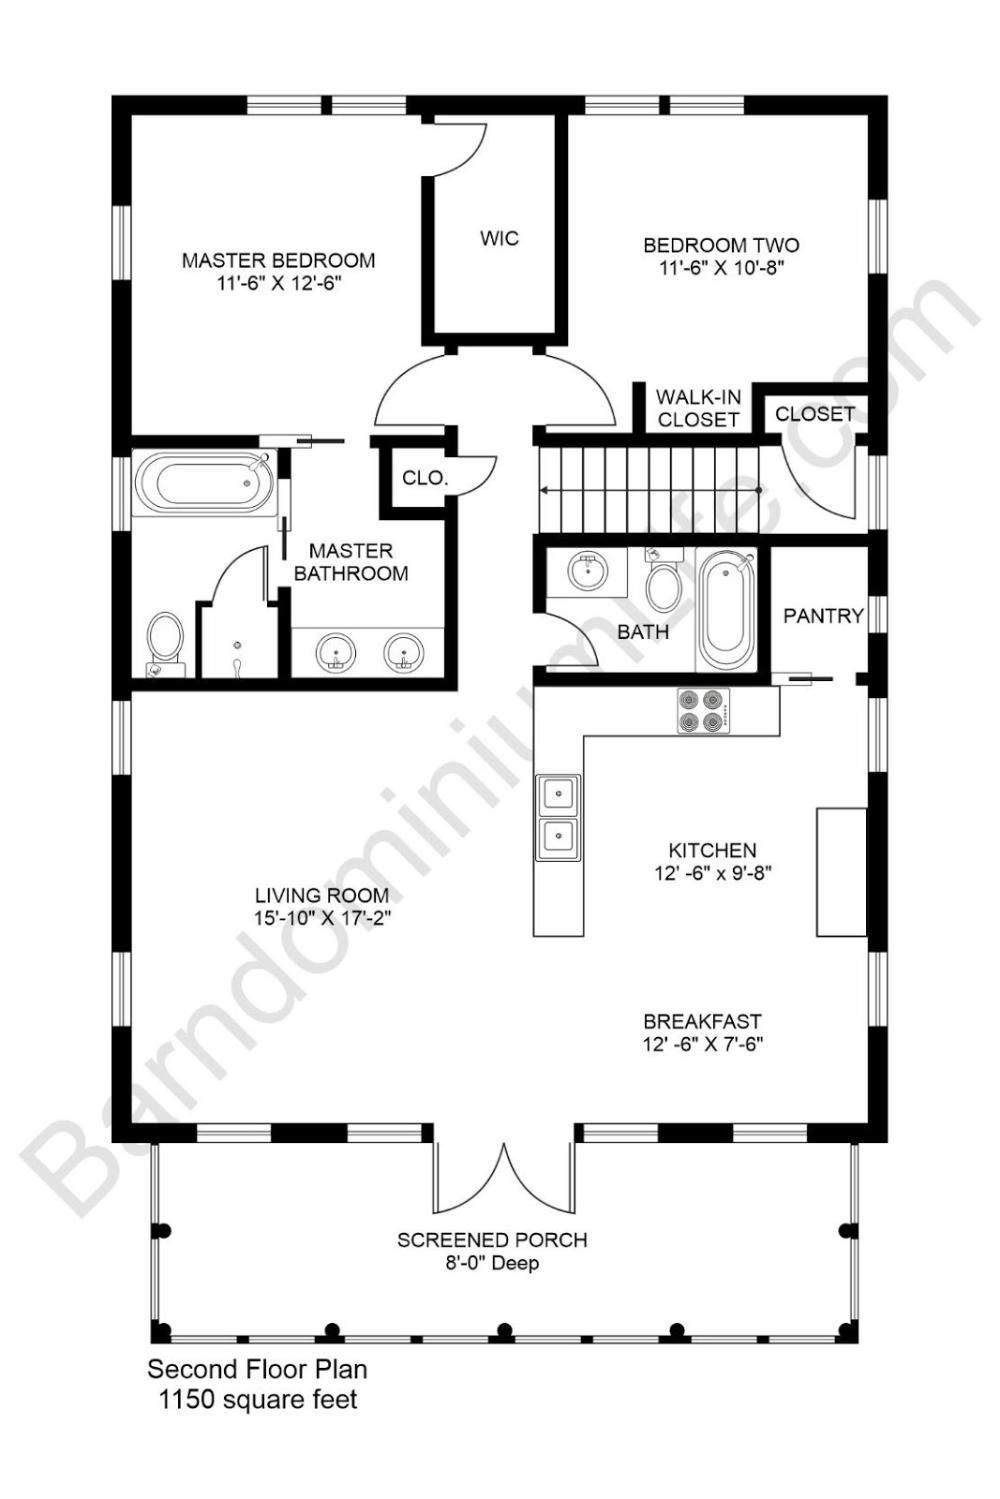 2 Bedroom Barndominium Floor Plans Great Floor Plan In 2020 Barndominium Floor Plans Loft Floor Plans Simple Floor Plans